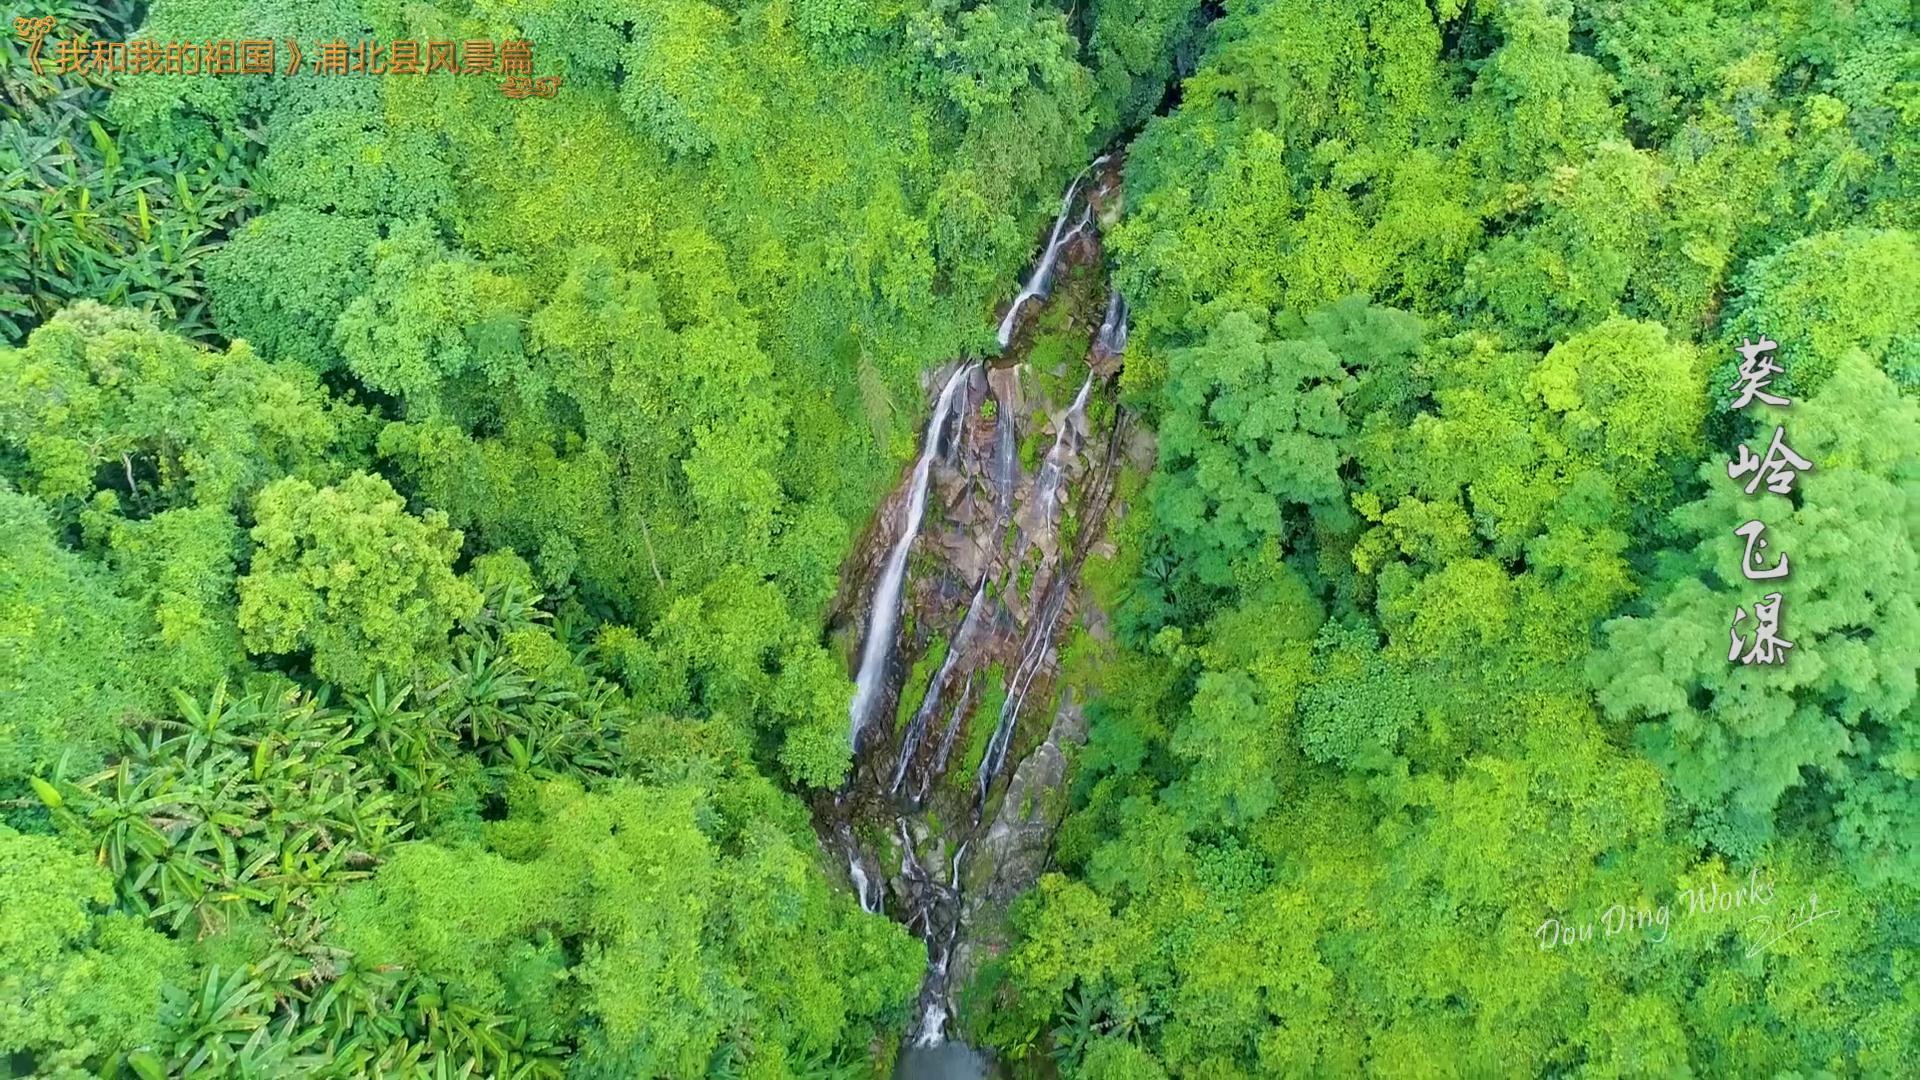 《我和我的祖国》浦北县风景篇11.jpg